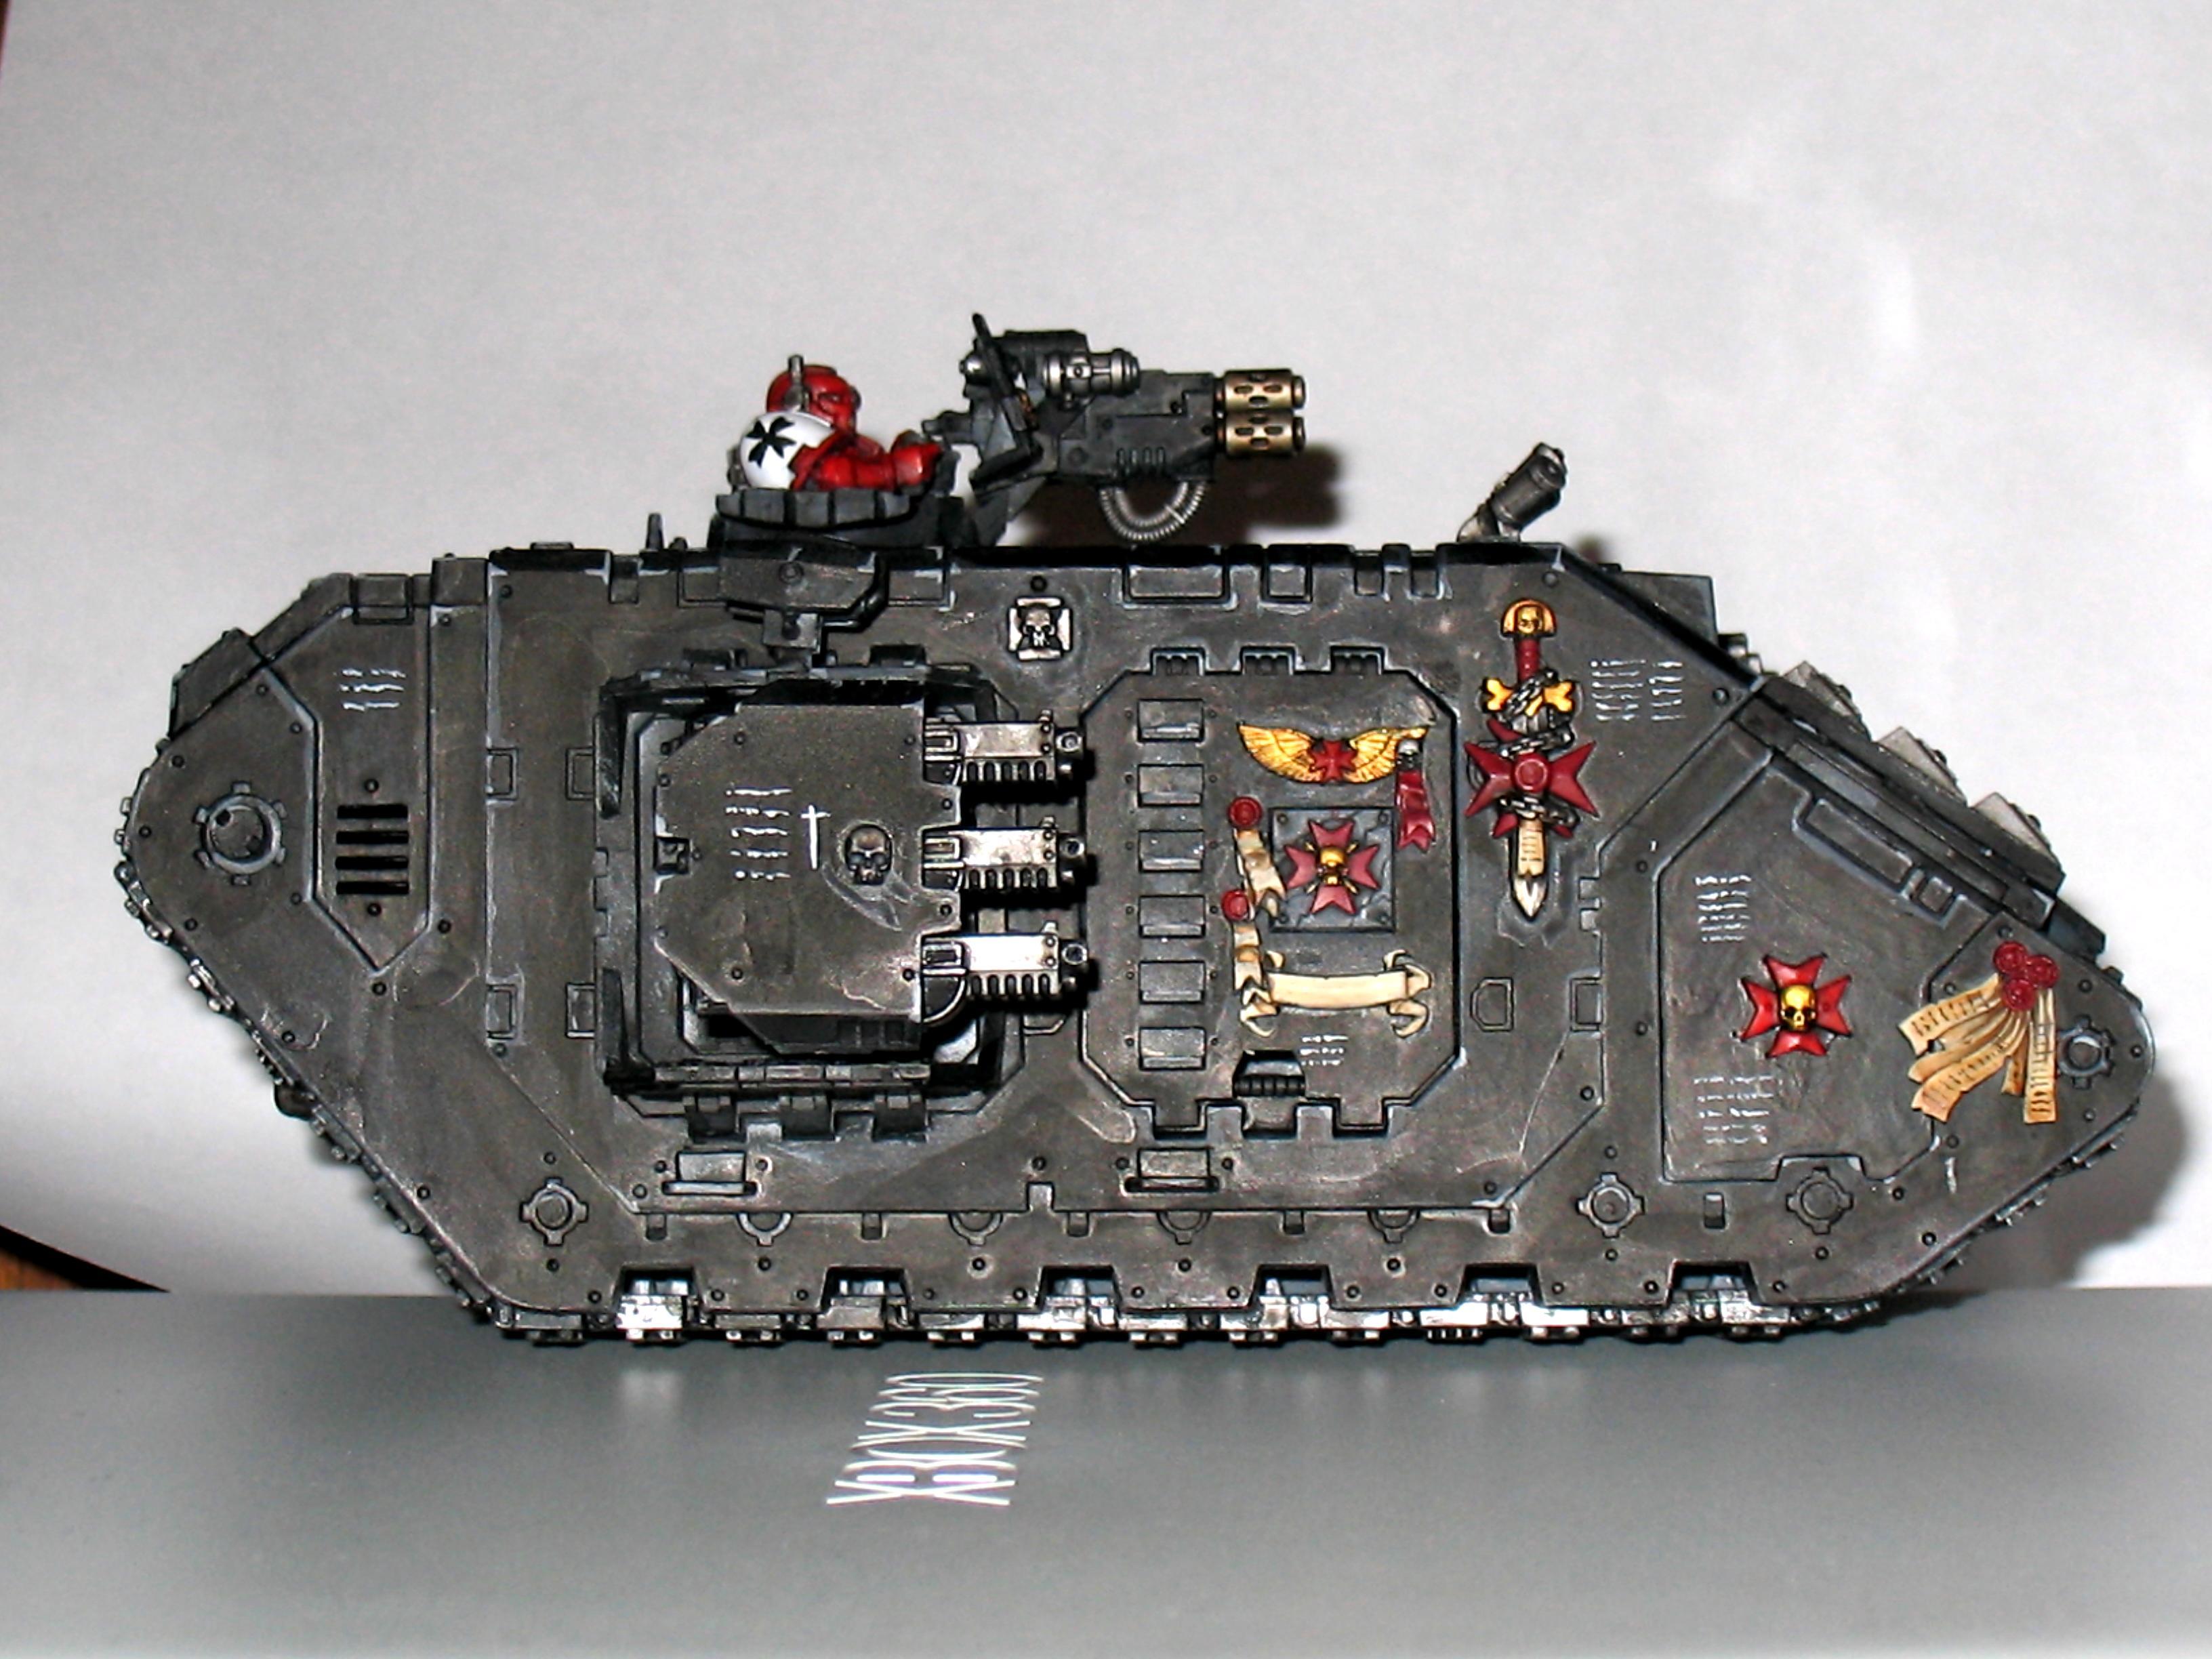 Black Templars, Land Raider, Space Marines